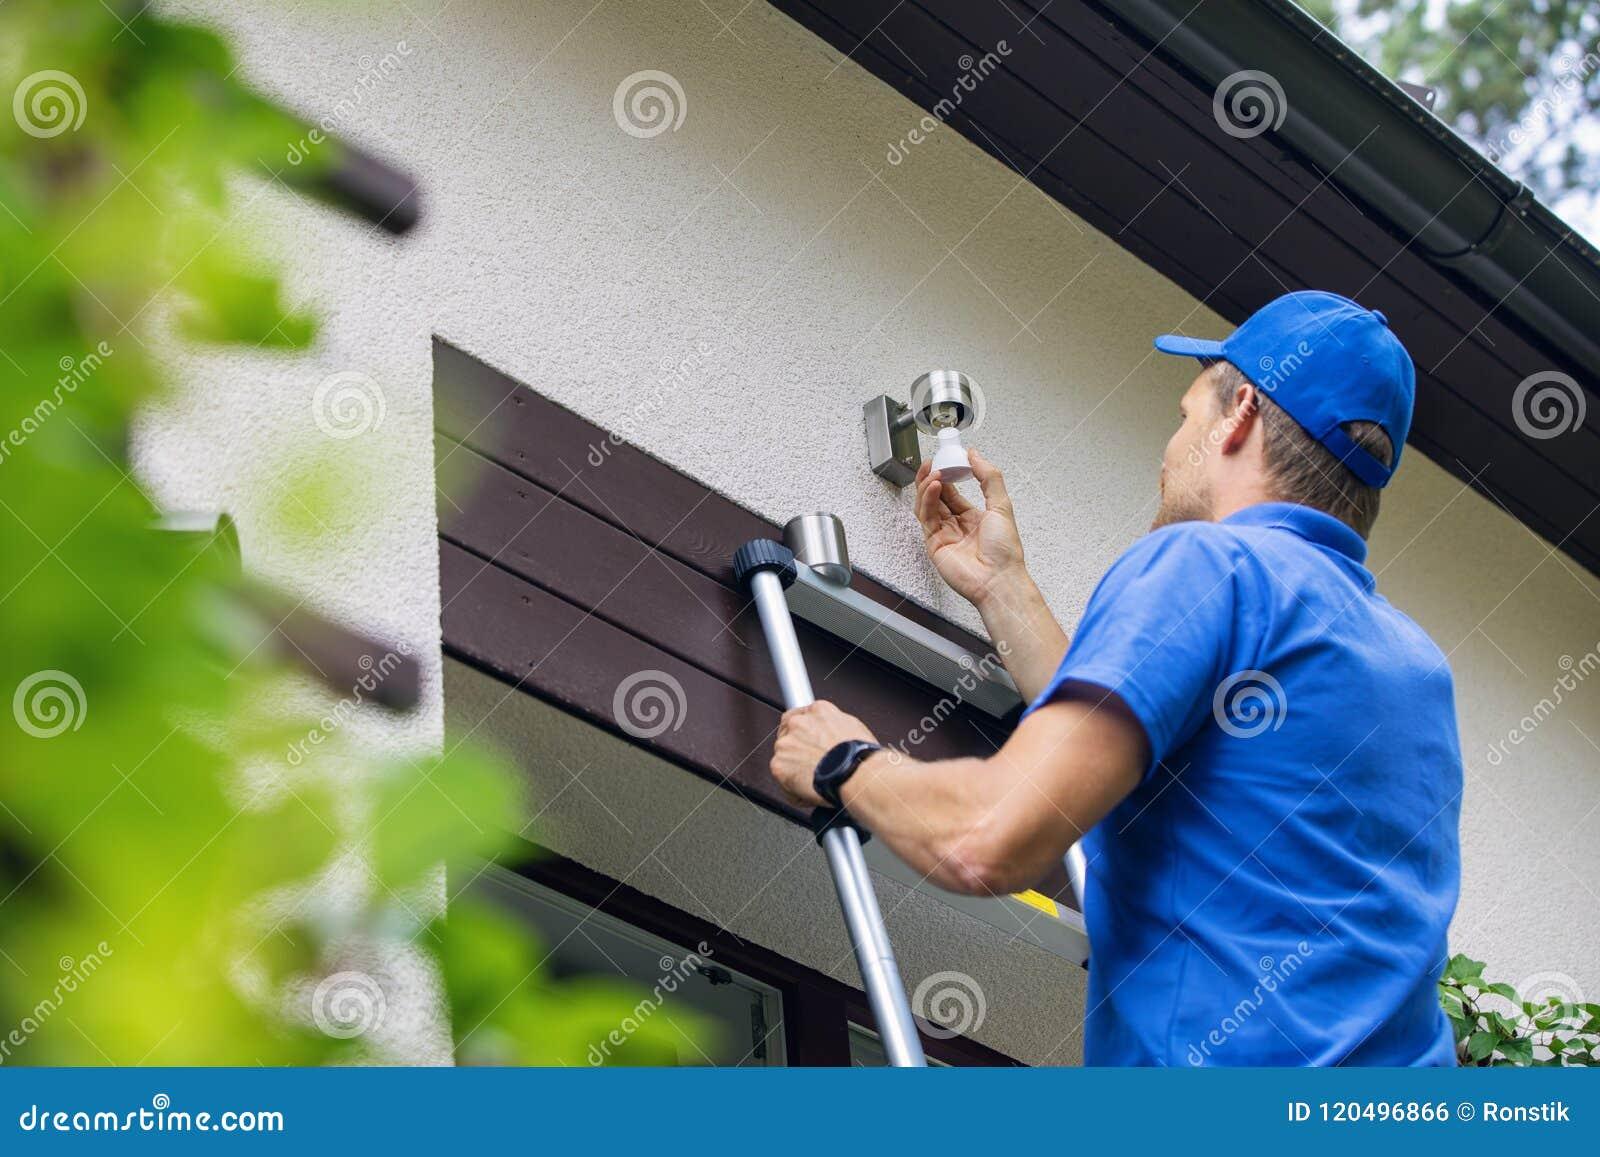 Elektricien de status op ladder en verandert de gloeilamp